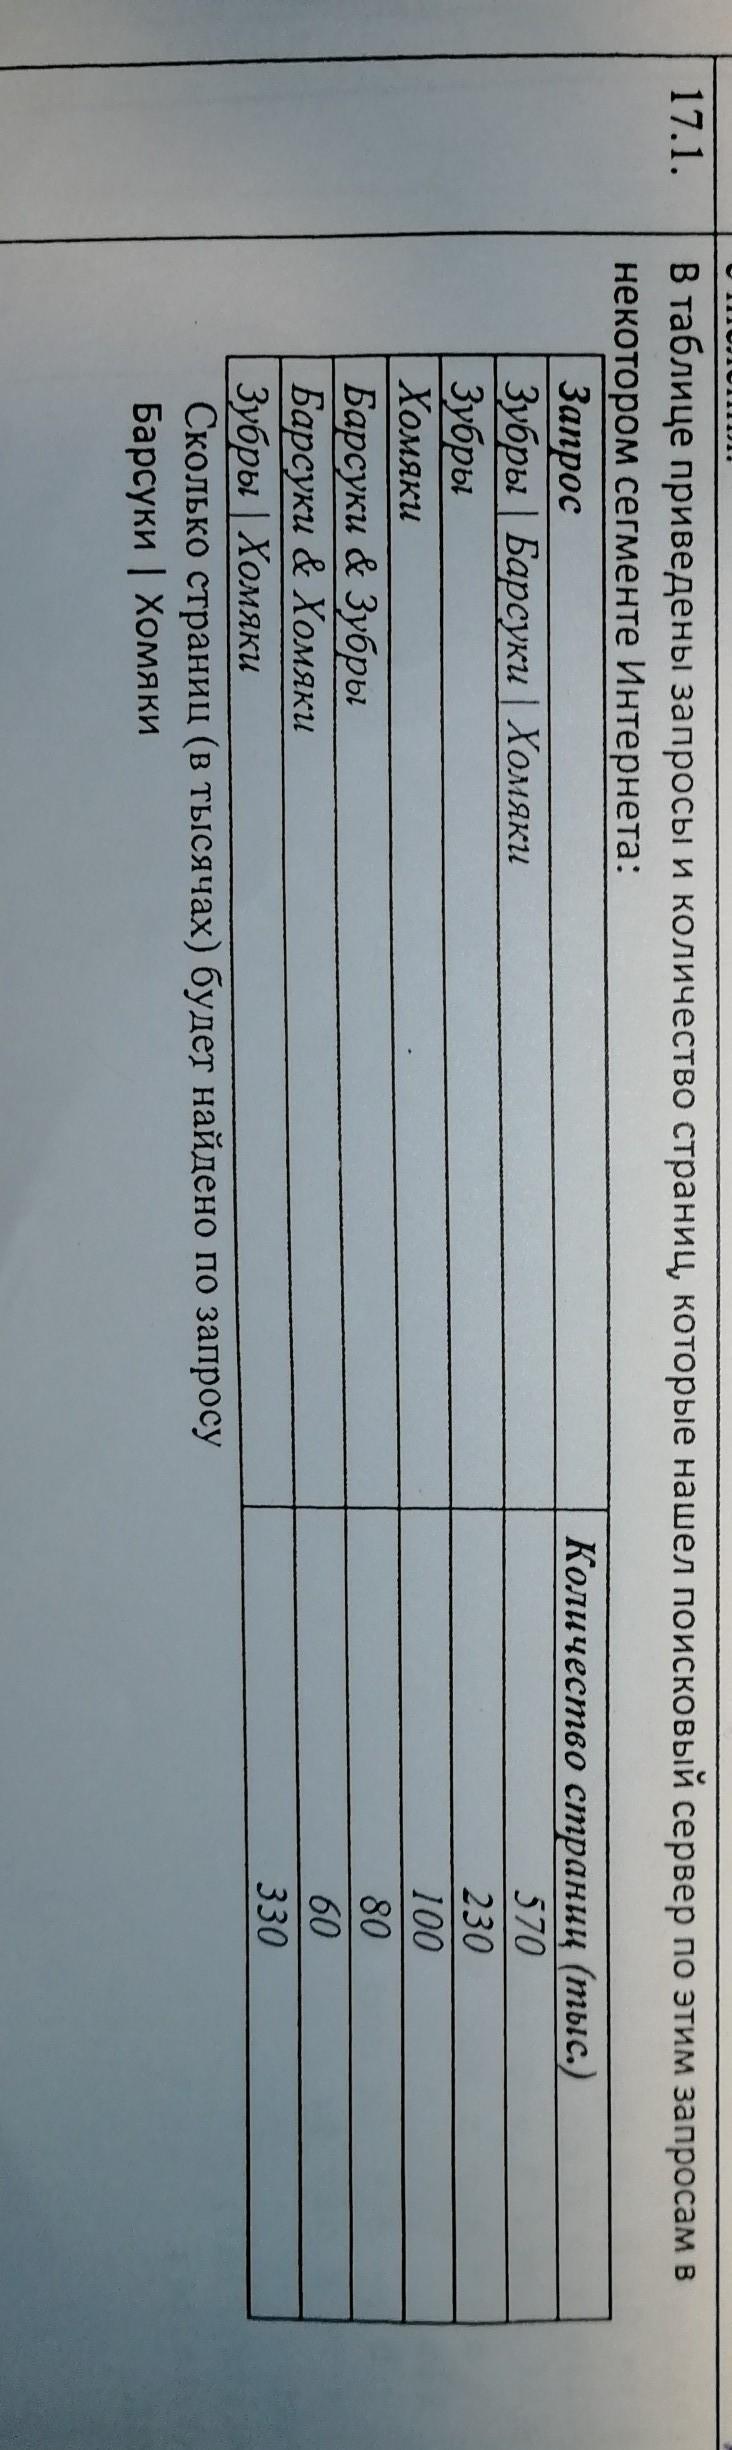 В таблице приведены запросы и количество страниц,